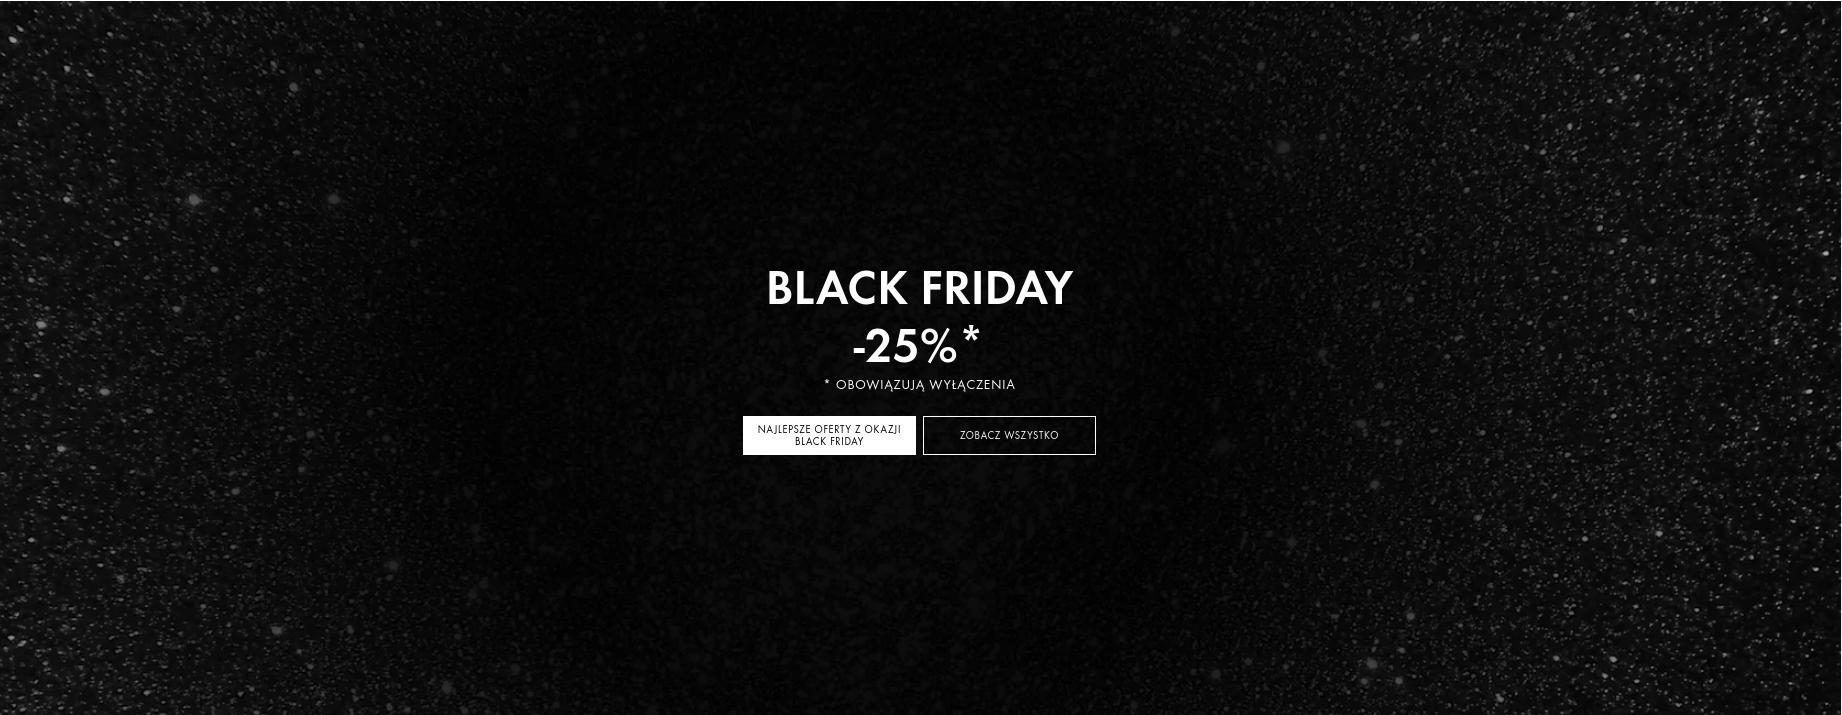 Swarovski: Black Friday 25% zniżki na znakomicie wykonaną biżuterię